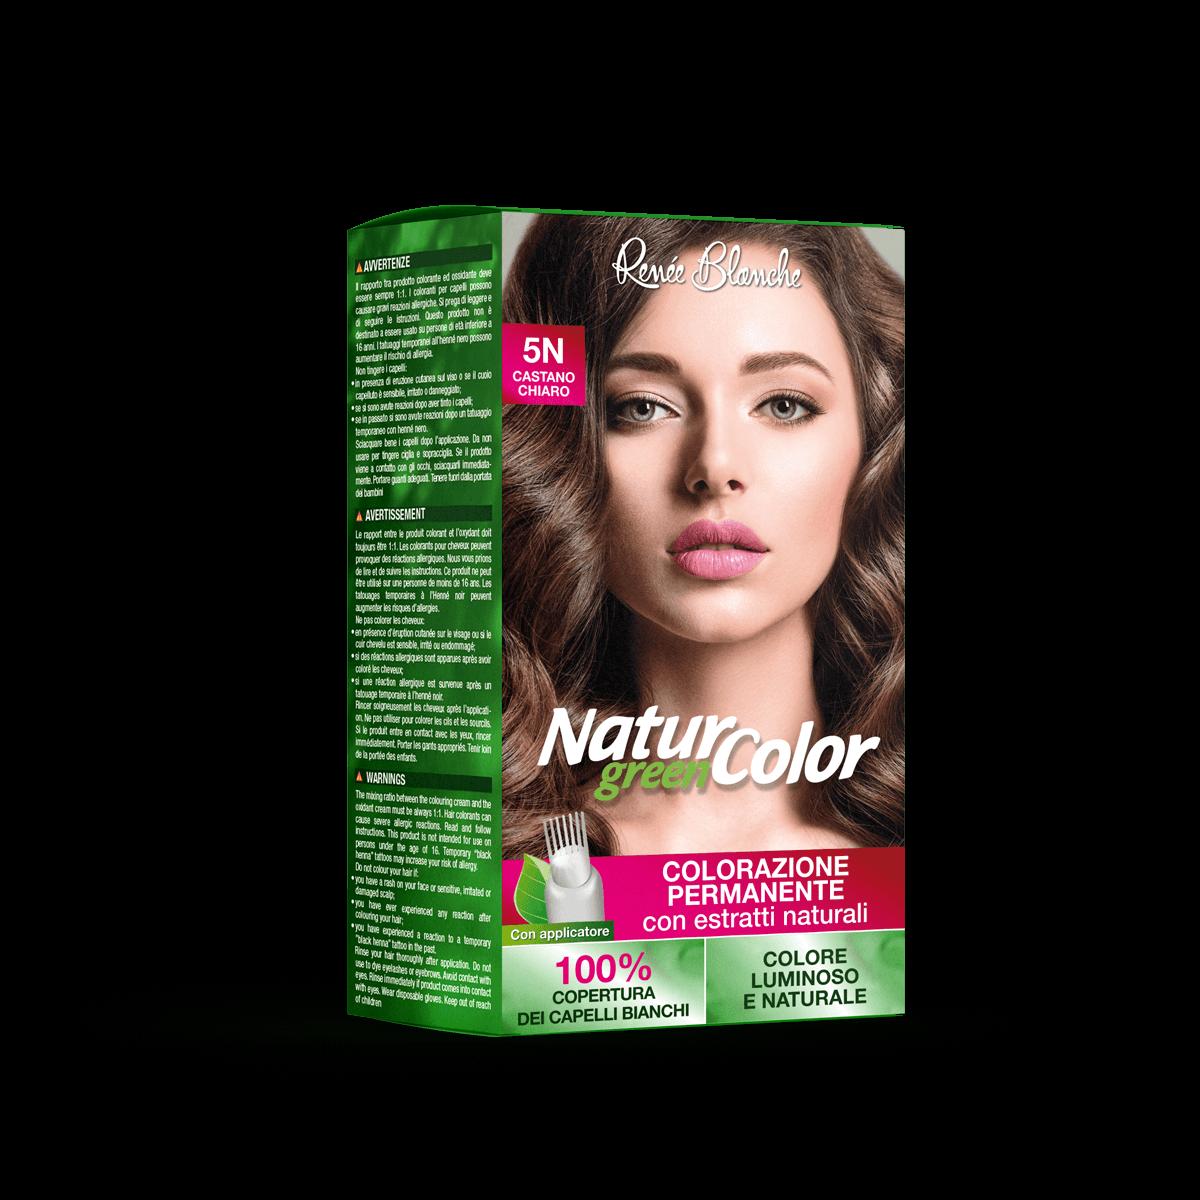 [:it]5N-Castano-Chiaro-Natur-Color[:]